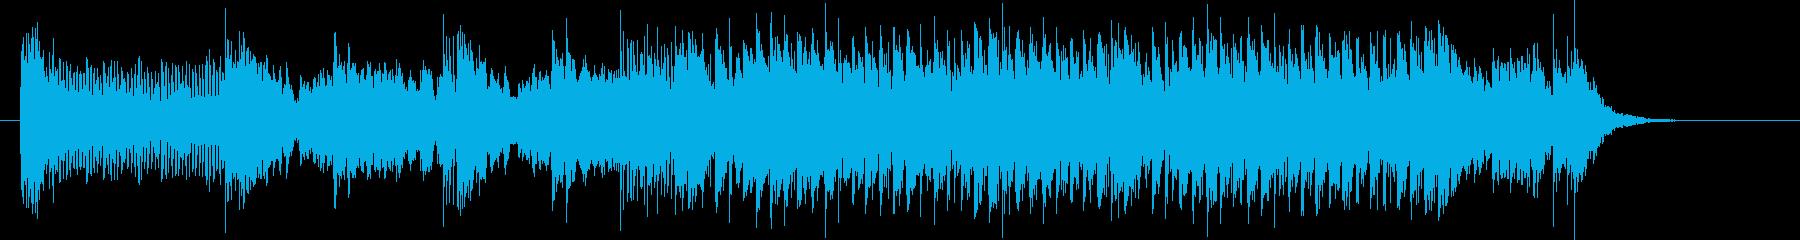 不思議で軽快なシンセポップジングルの再生済みの波形